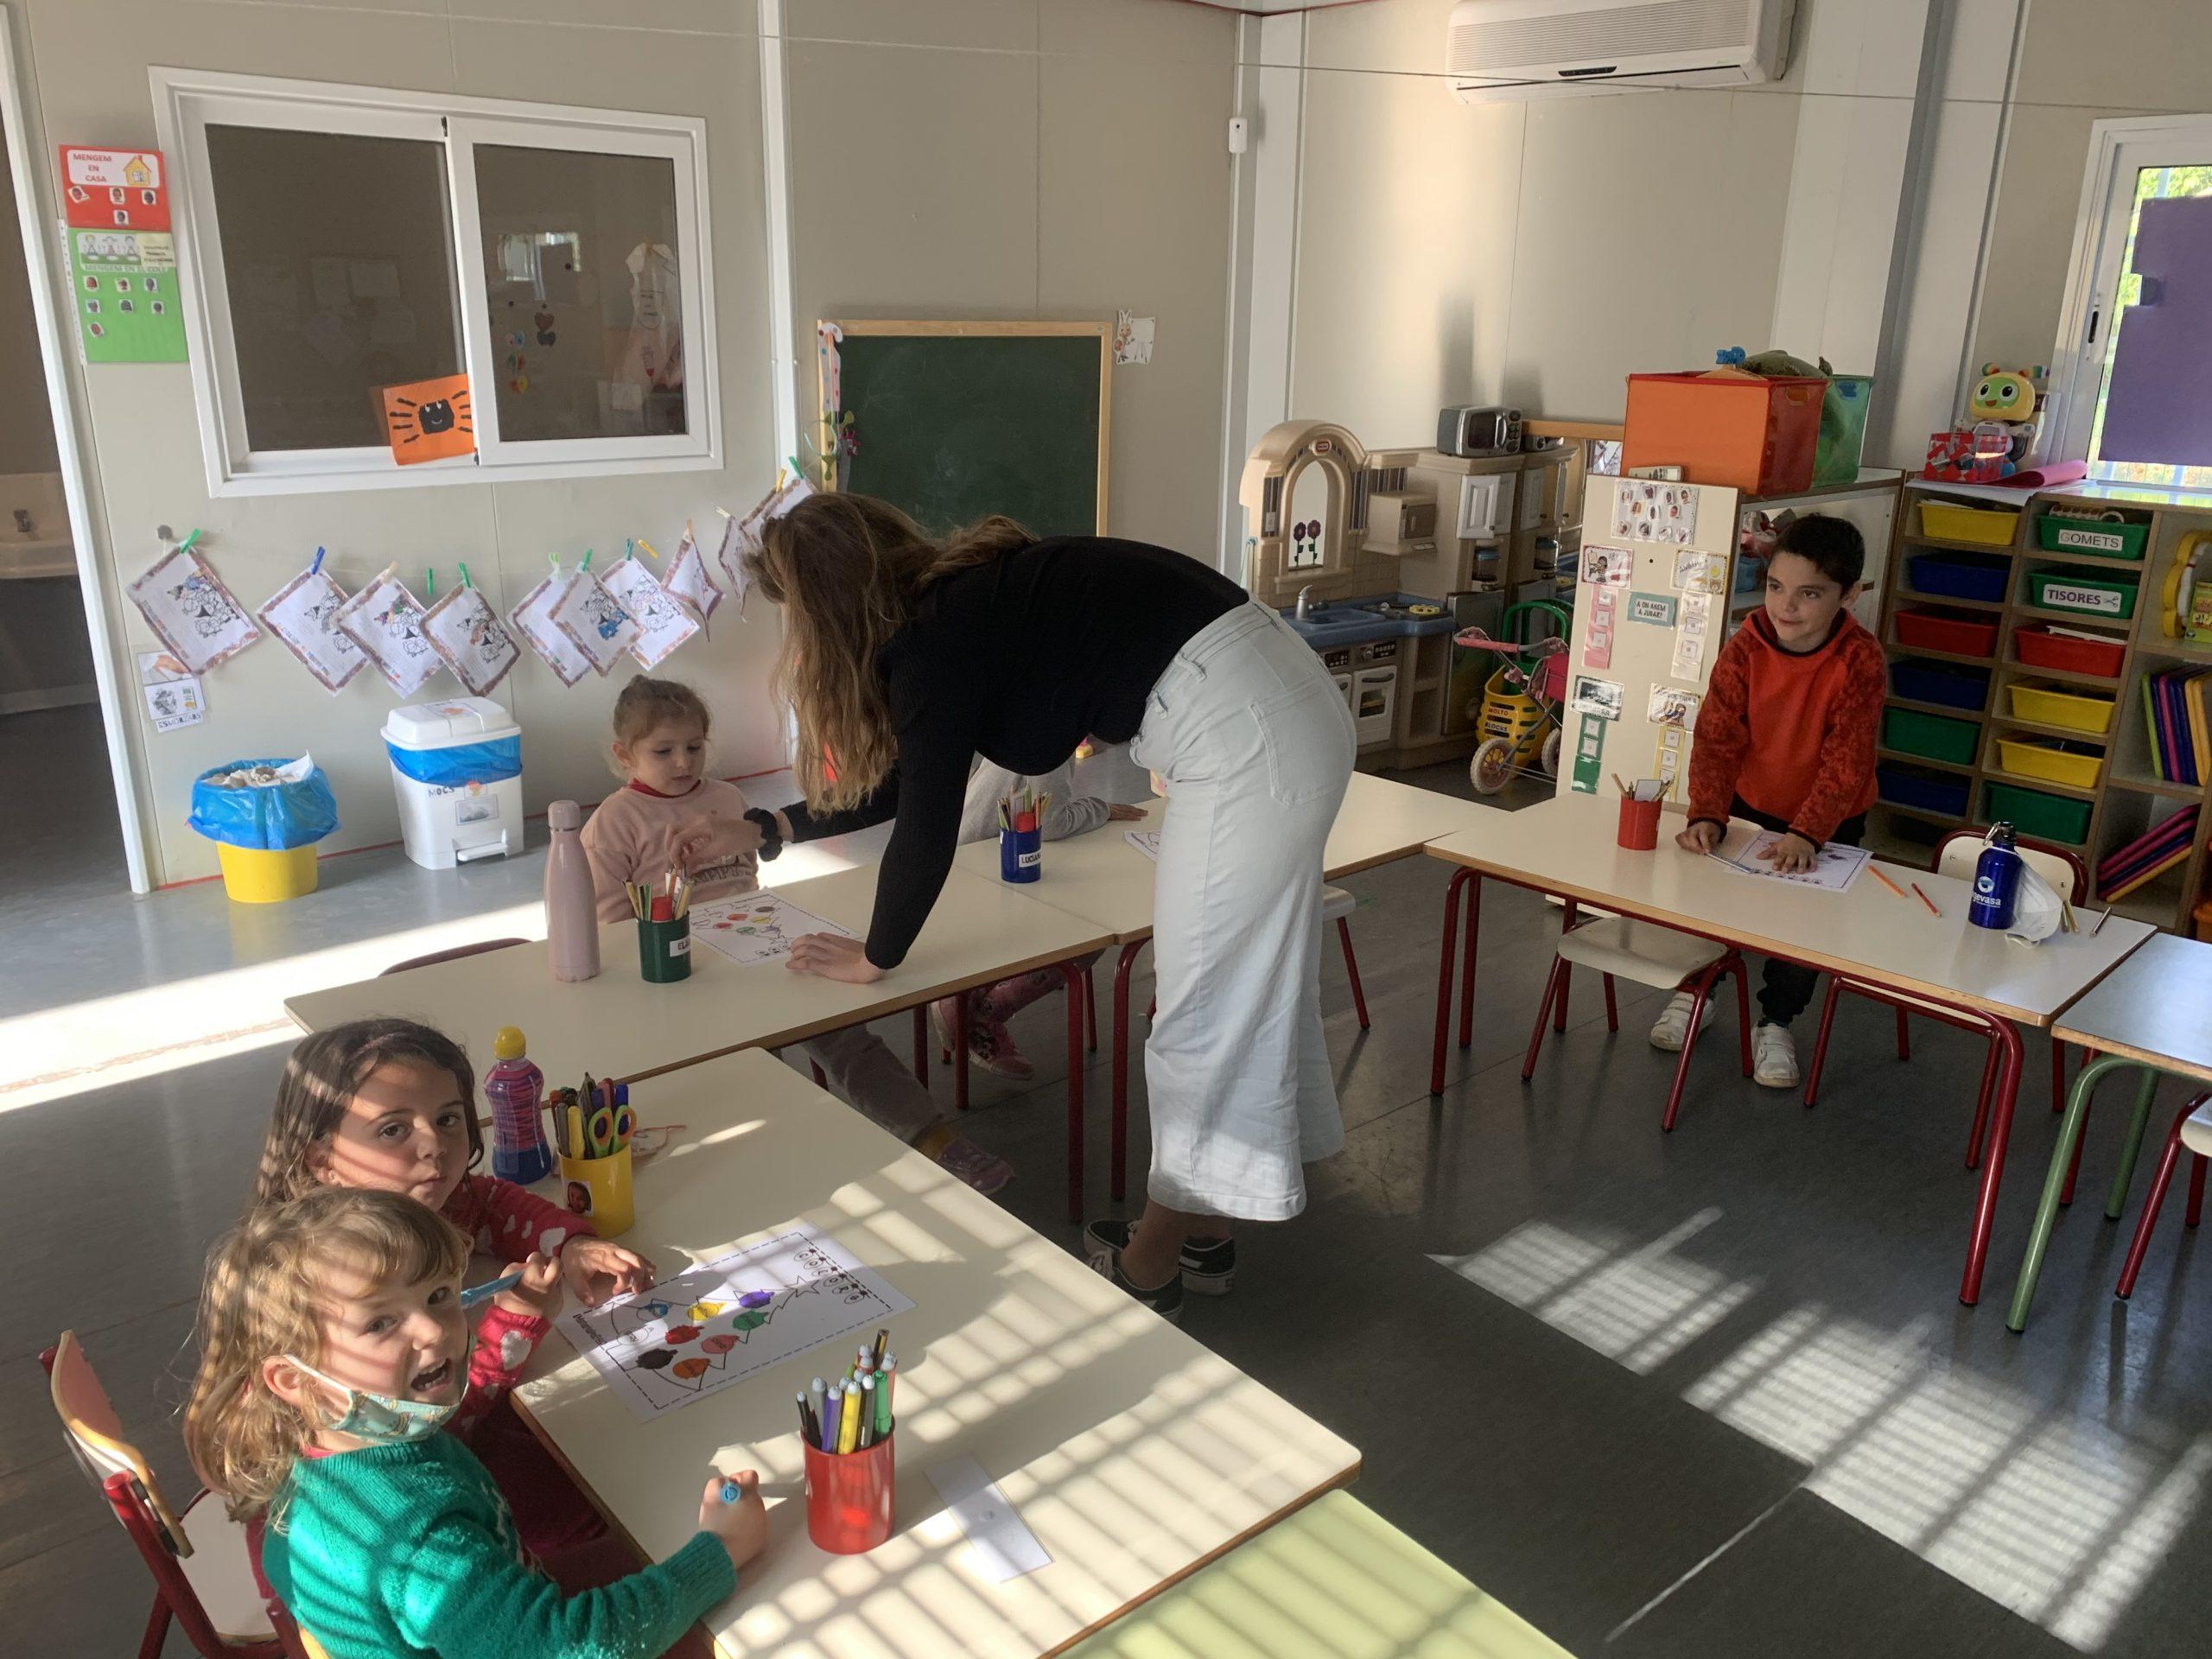 actividades extraescolares en Valencia